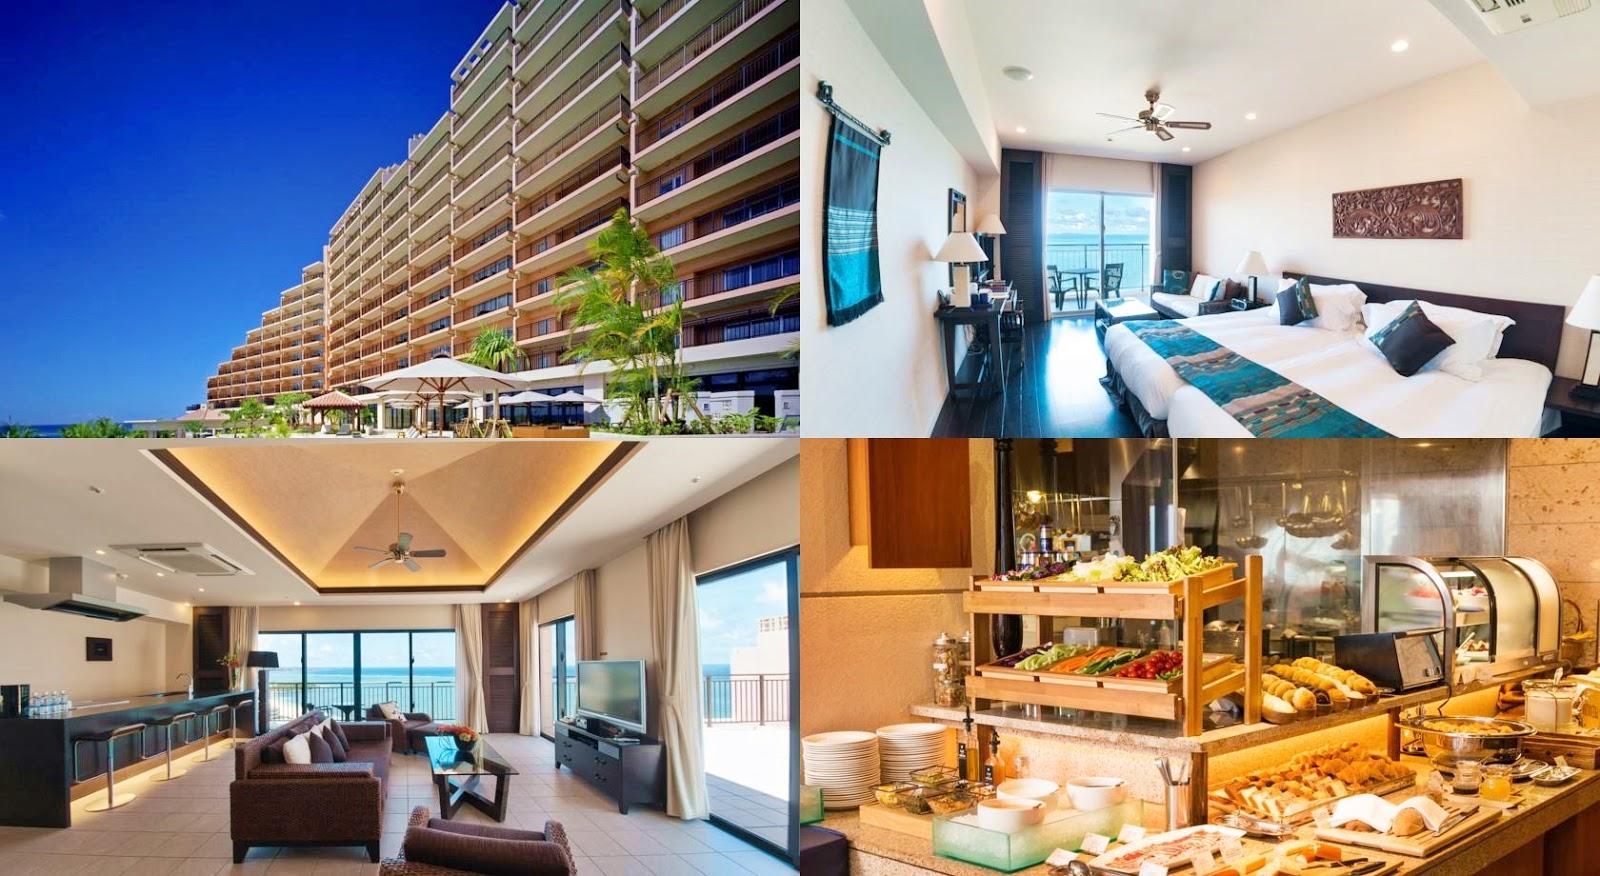 沖繩-住宿-推薦-飯店-旅館-民宿-公寓-卡夫度假富著公寓酒店-Kafuu-Resort-Fuchaku-Condo-Okinawa-hotel-recommendation